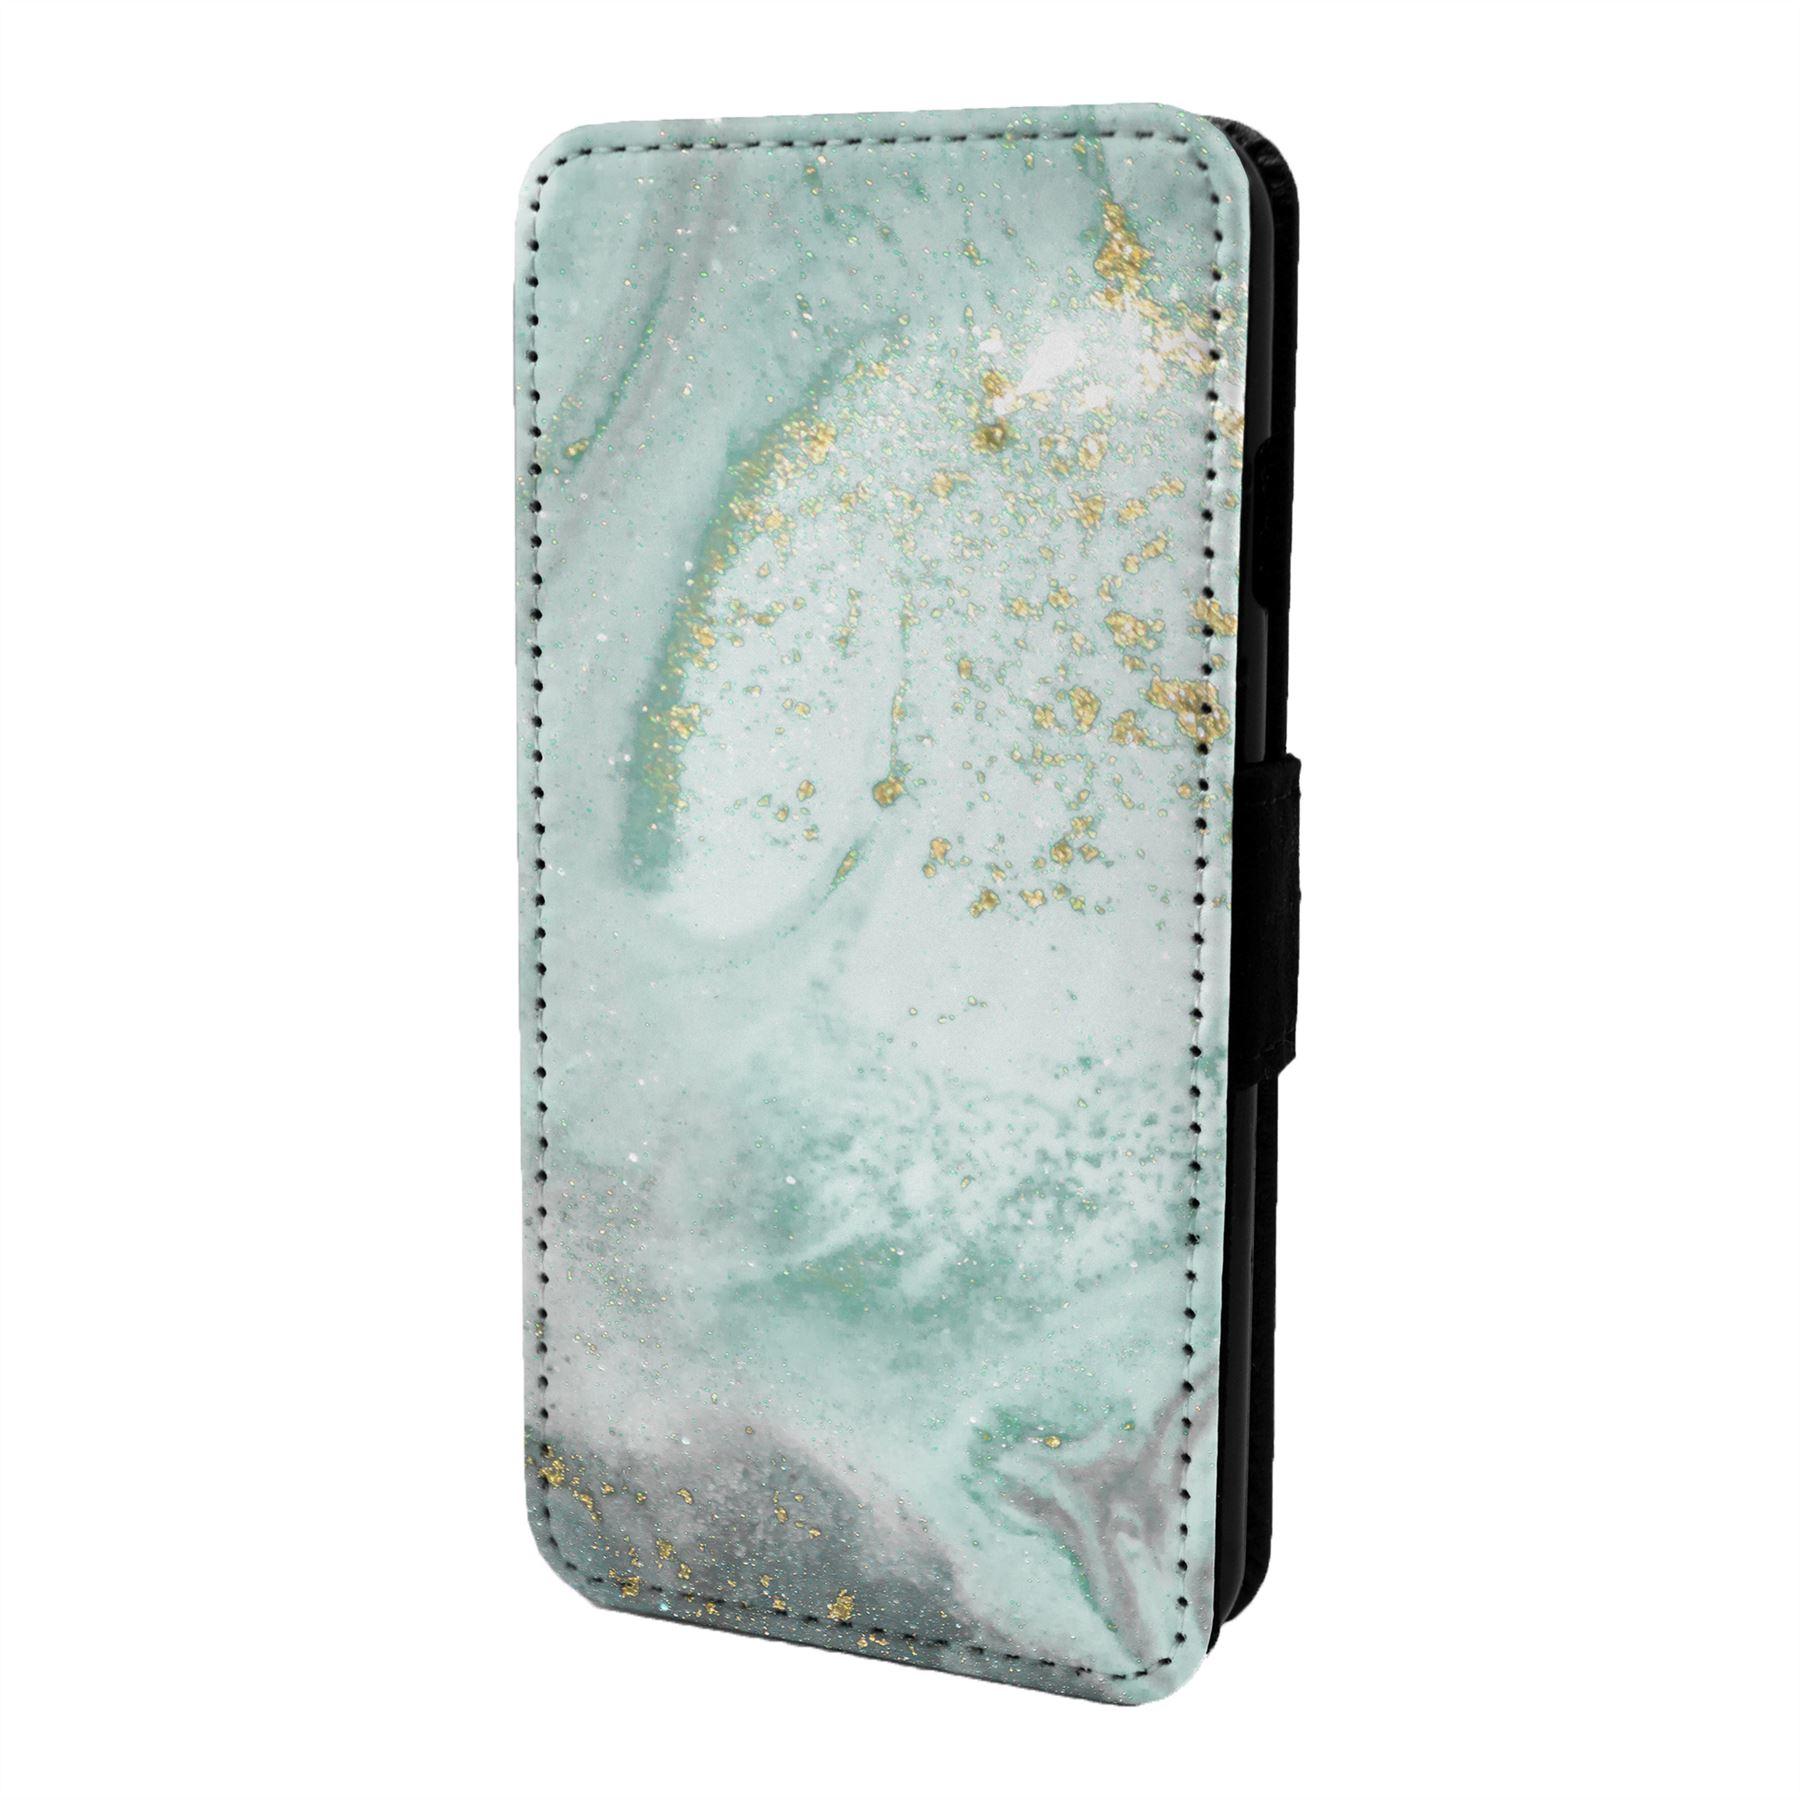 Imprime-Marbre-Etui-Rabattable-pour-Telephone-Portable-S6918